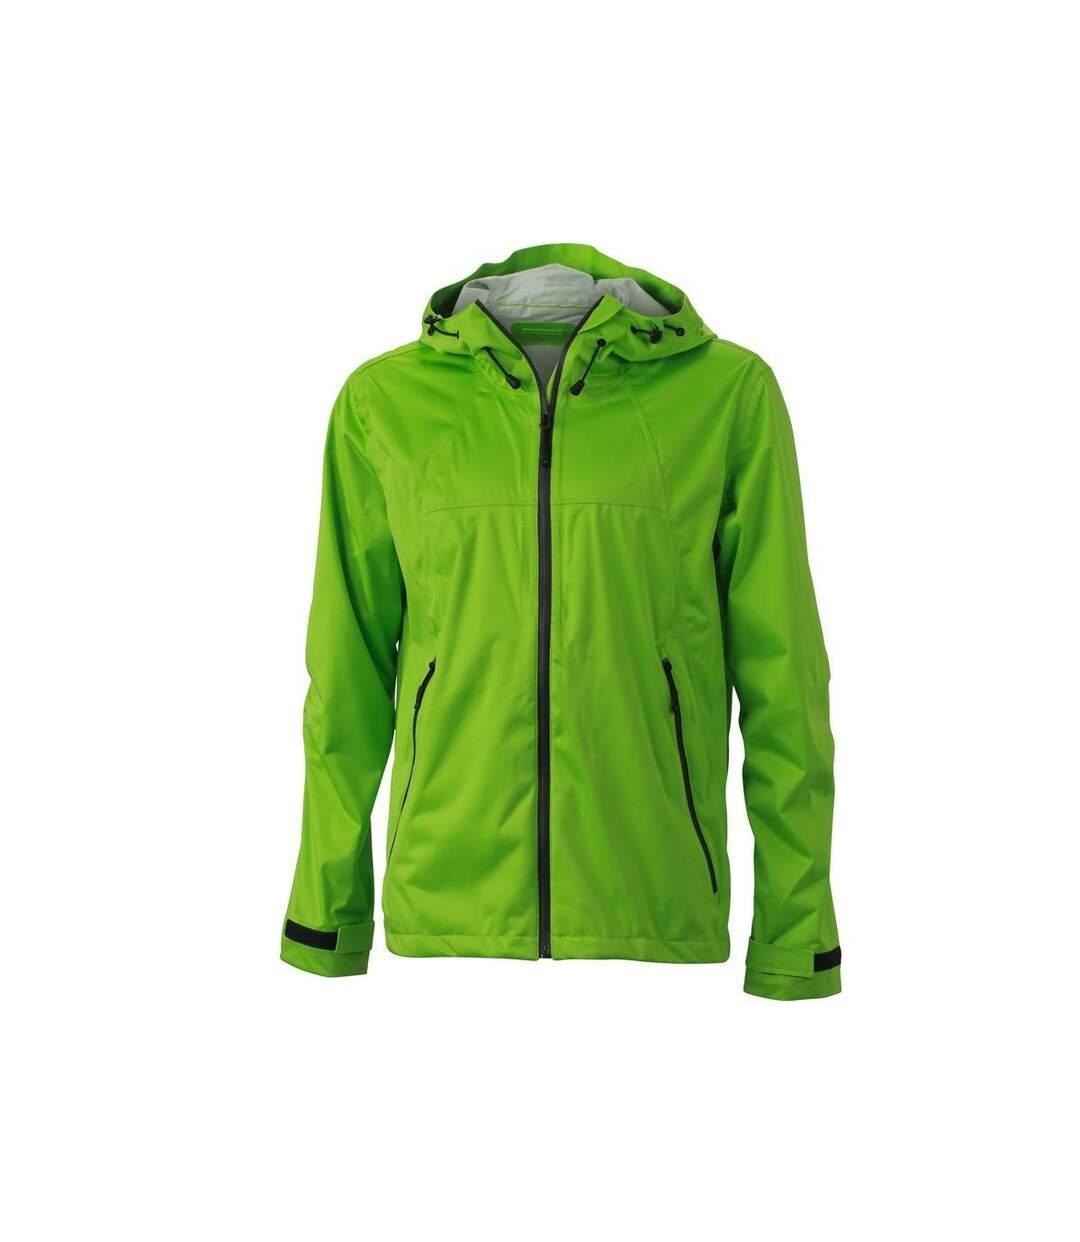 Veste softshell à capuche - homme JN1098 vert - coupe-vent imperméable